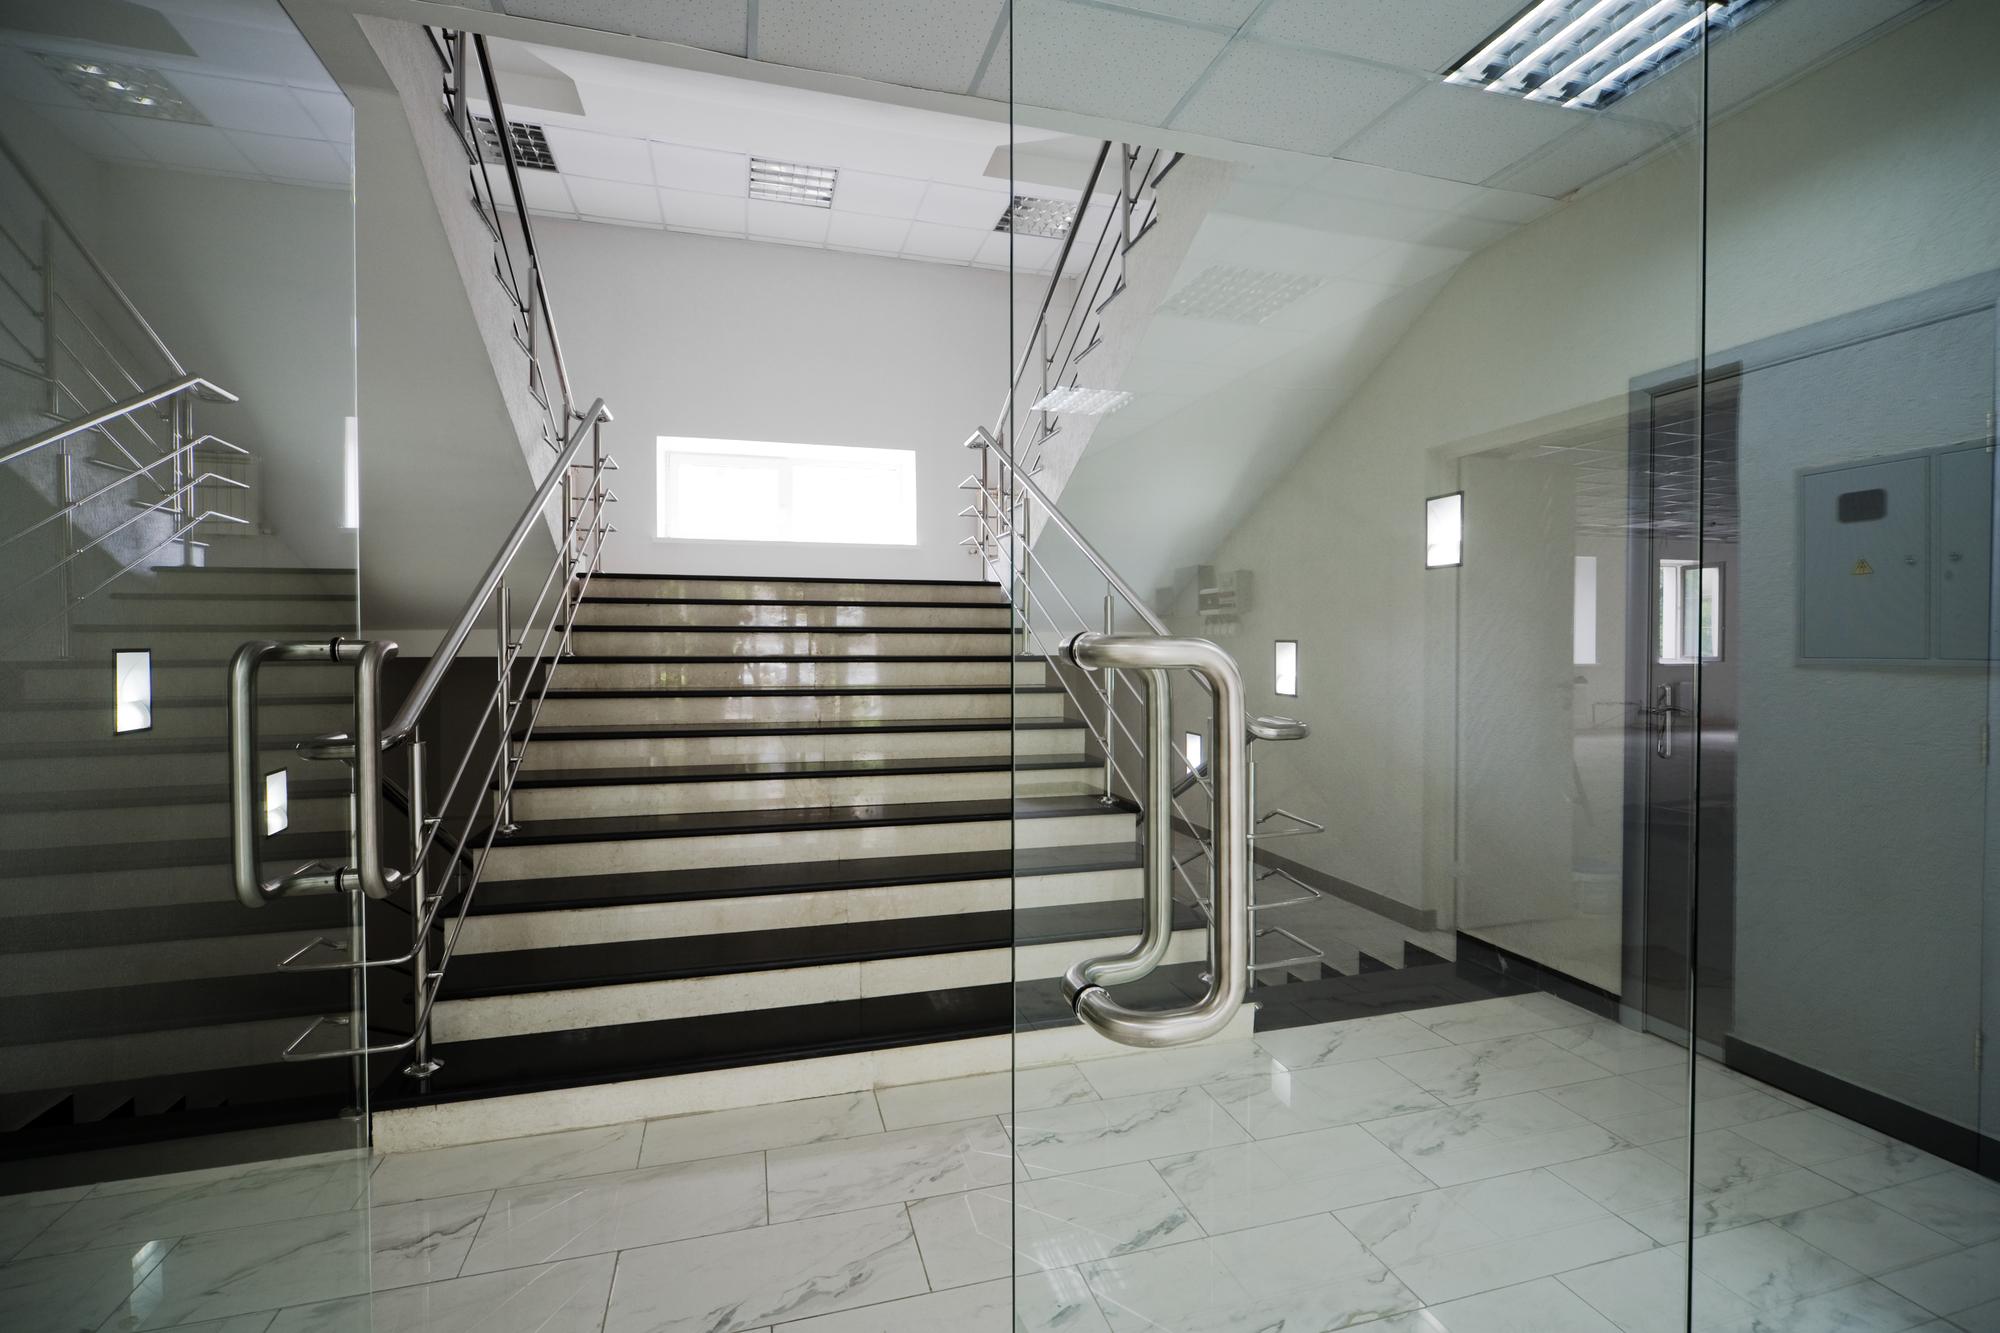 Glas Trennwand und Türen ©igterex/depositphotos.com